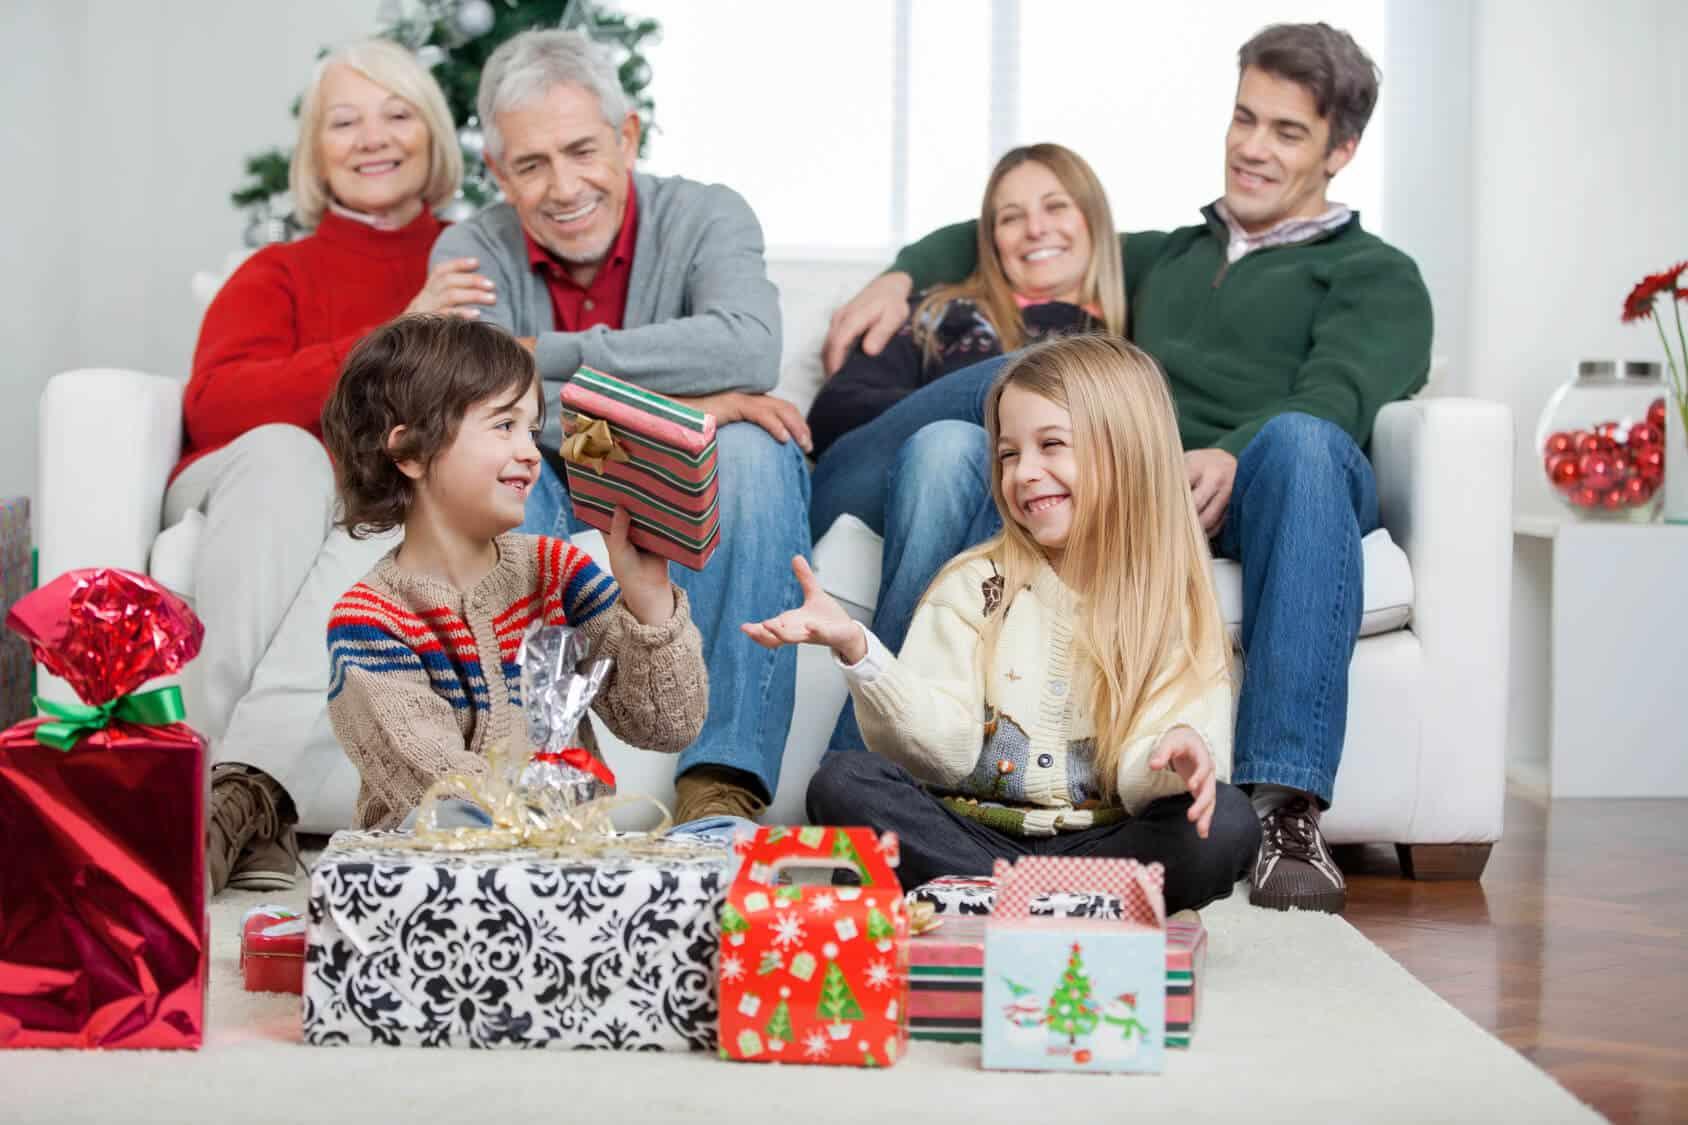 Ile statystycznie wydamy na prezenty świąteczne?